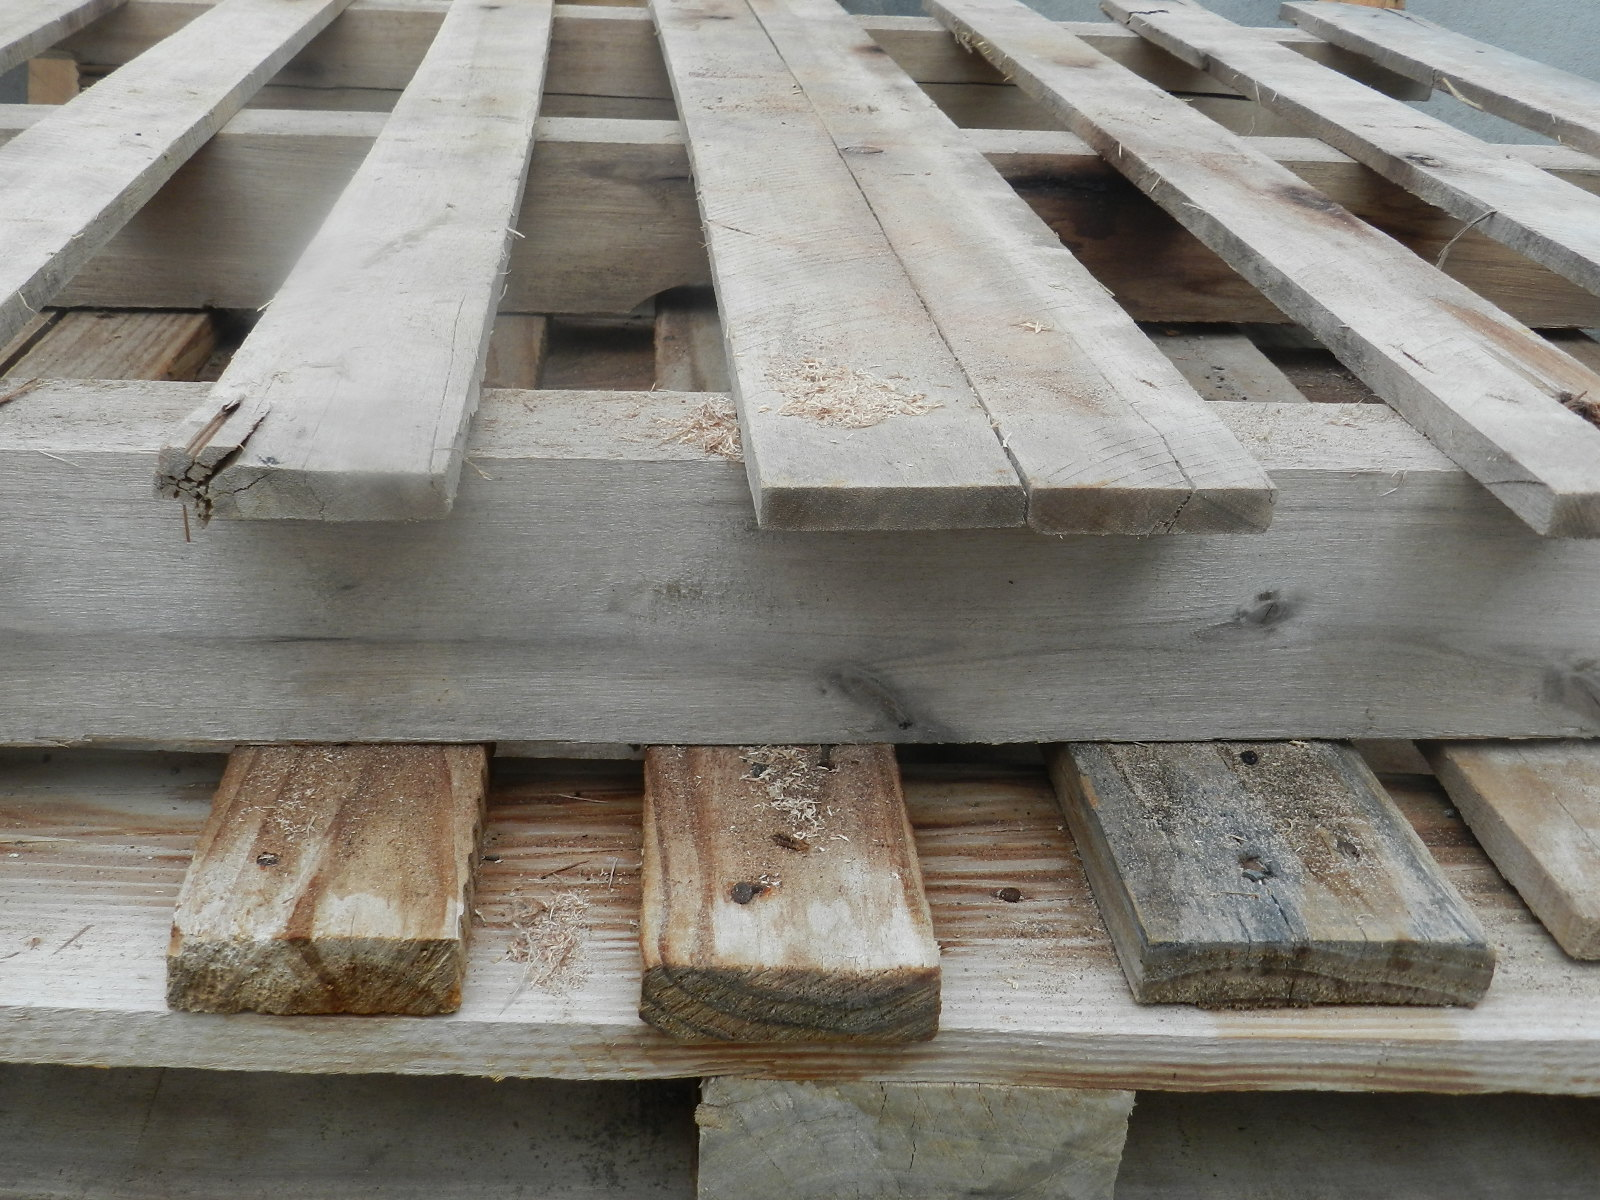 Pensei em fazer um vaso de madeira com estas aqui  #5C4F41 1600x1200